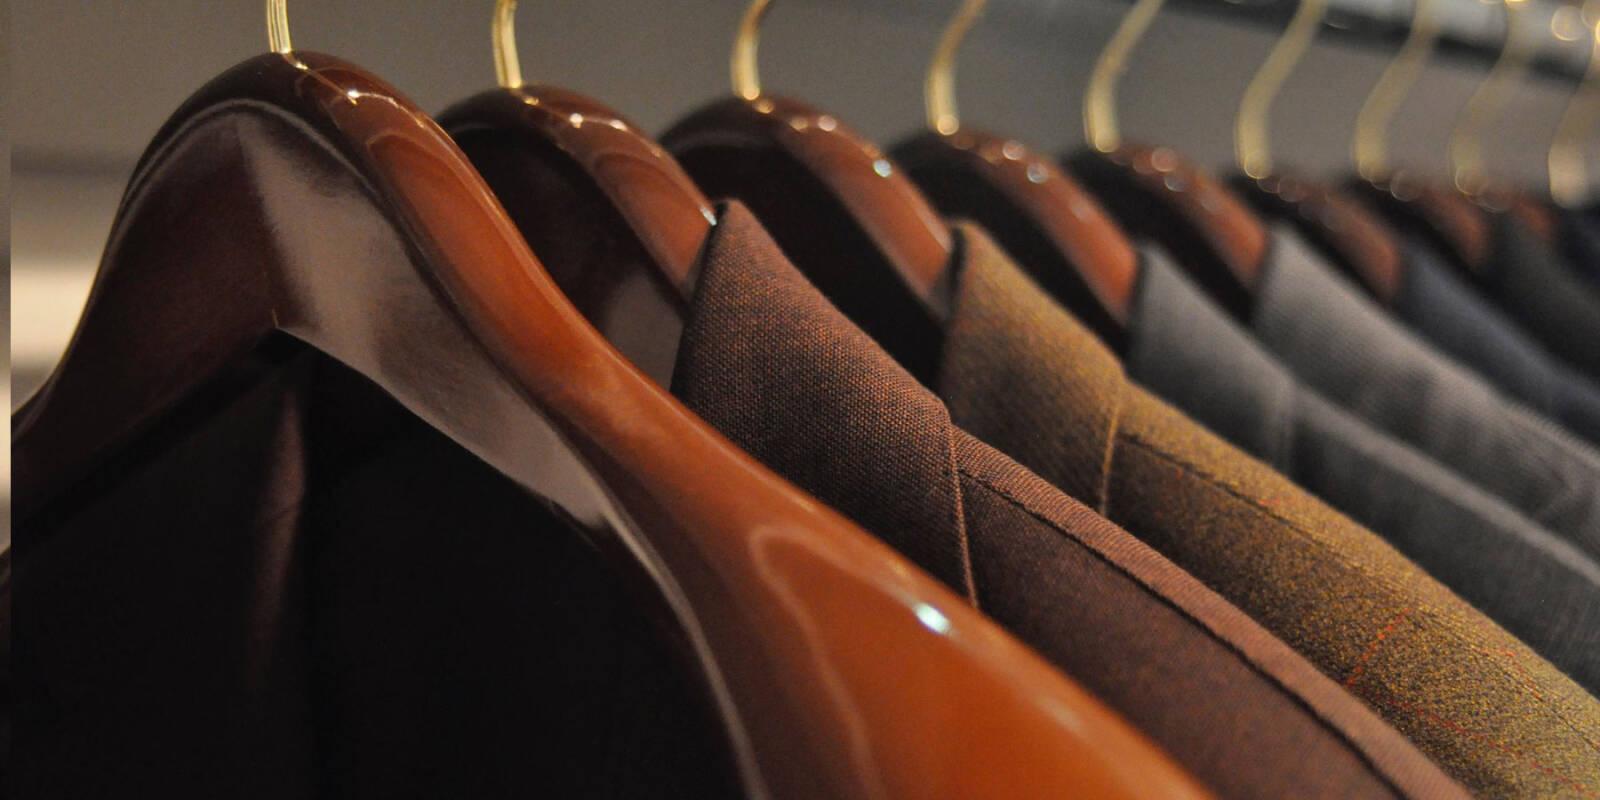 1d6fd235c5 Wieszaki – właściwe przechowywanie ubrań. Prawdziwy dżentelmen powinien nie  tylko dobrze prezentować się w każdej sytuacji i potrafić skomponować  właściwy ...